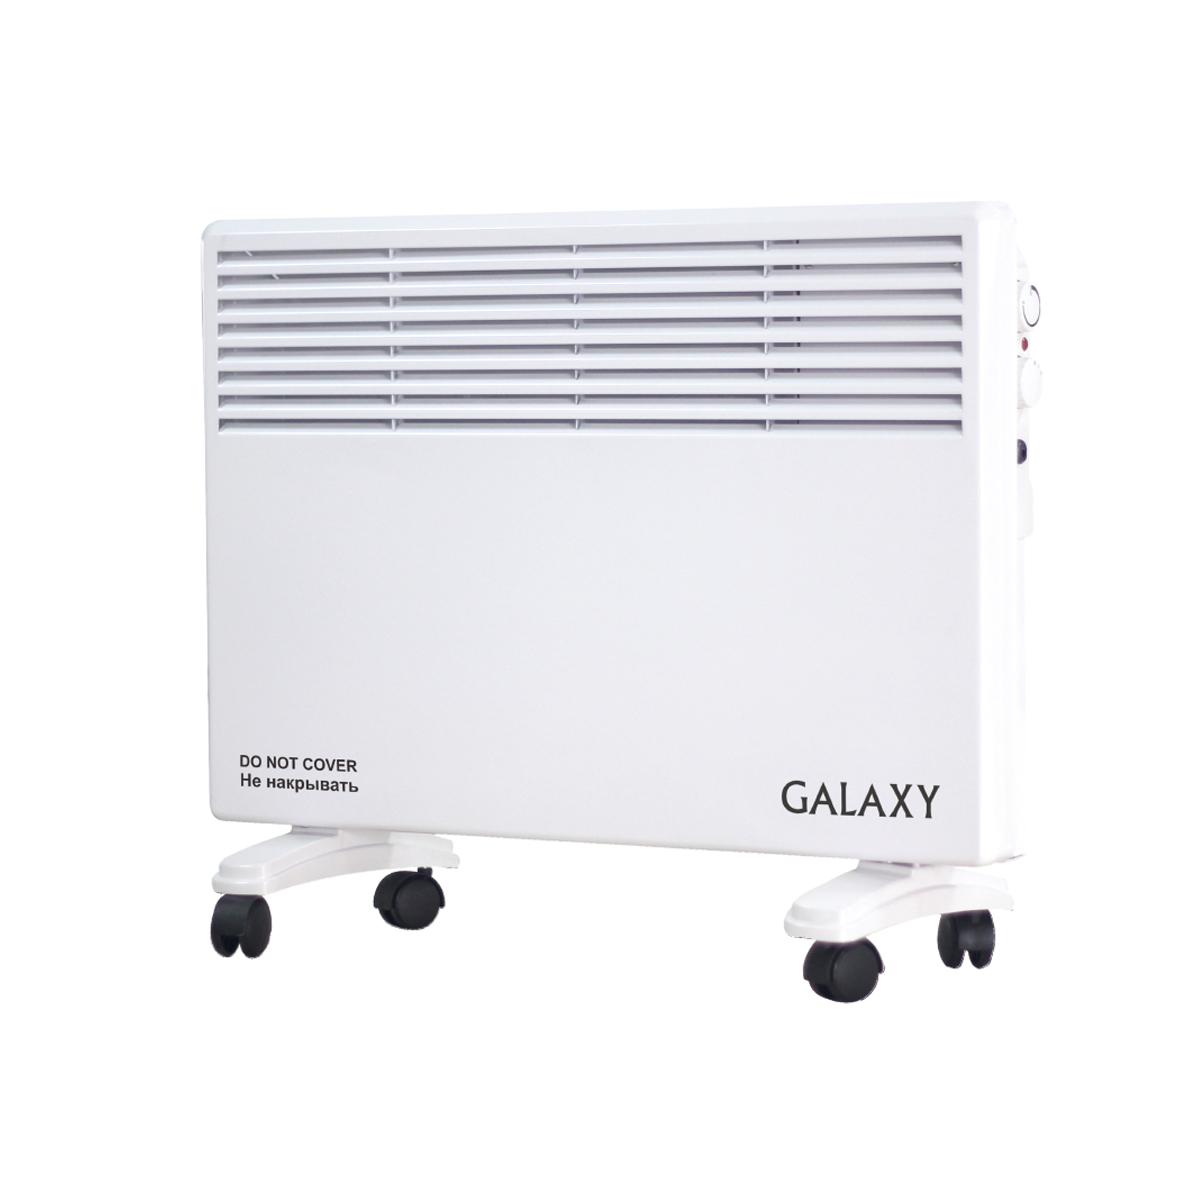 Galaxy GL 8228 обогреватель4630003369932Все большую популярность среди бытовых нагревательных приборов приобретают электрические конвекторы. И не даром - такие приборы обладают целым рядом преимуществ, по сравнению с другими бытовыми аппаратами, что обусловлено принципиальным отличием способа нагрева. В конвекторах нет прямого контакта нагревательного элемента с воздухом (нагревательный элемент изолирован внутри радиатора- теплообменника), холодный воздух естественным путем циркулирует вдоль теплообменника, нагреваясь отдает тепло помещению, после чего начинает новый цикл циркуляции. Экологичность - не происходит сжигание кислорода, не сгорает, всегда присутствующая в помещении пыль, не меняется влажность воздуха в помещении. Безопасность - корпус конвектора никогда не нагревается выше опасной для человека или животного температуры. Кроме того, в продвинутых моделях присутствуют такие дополнительные функции как влагостойкость (можно использовать во влажном помещении, например в ванной,...